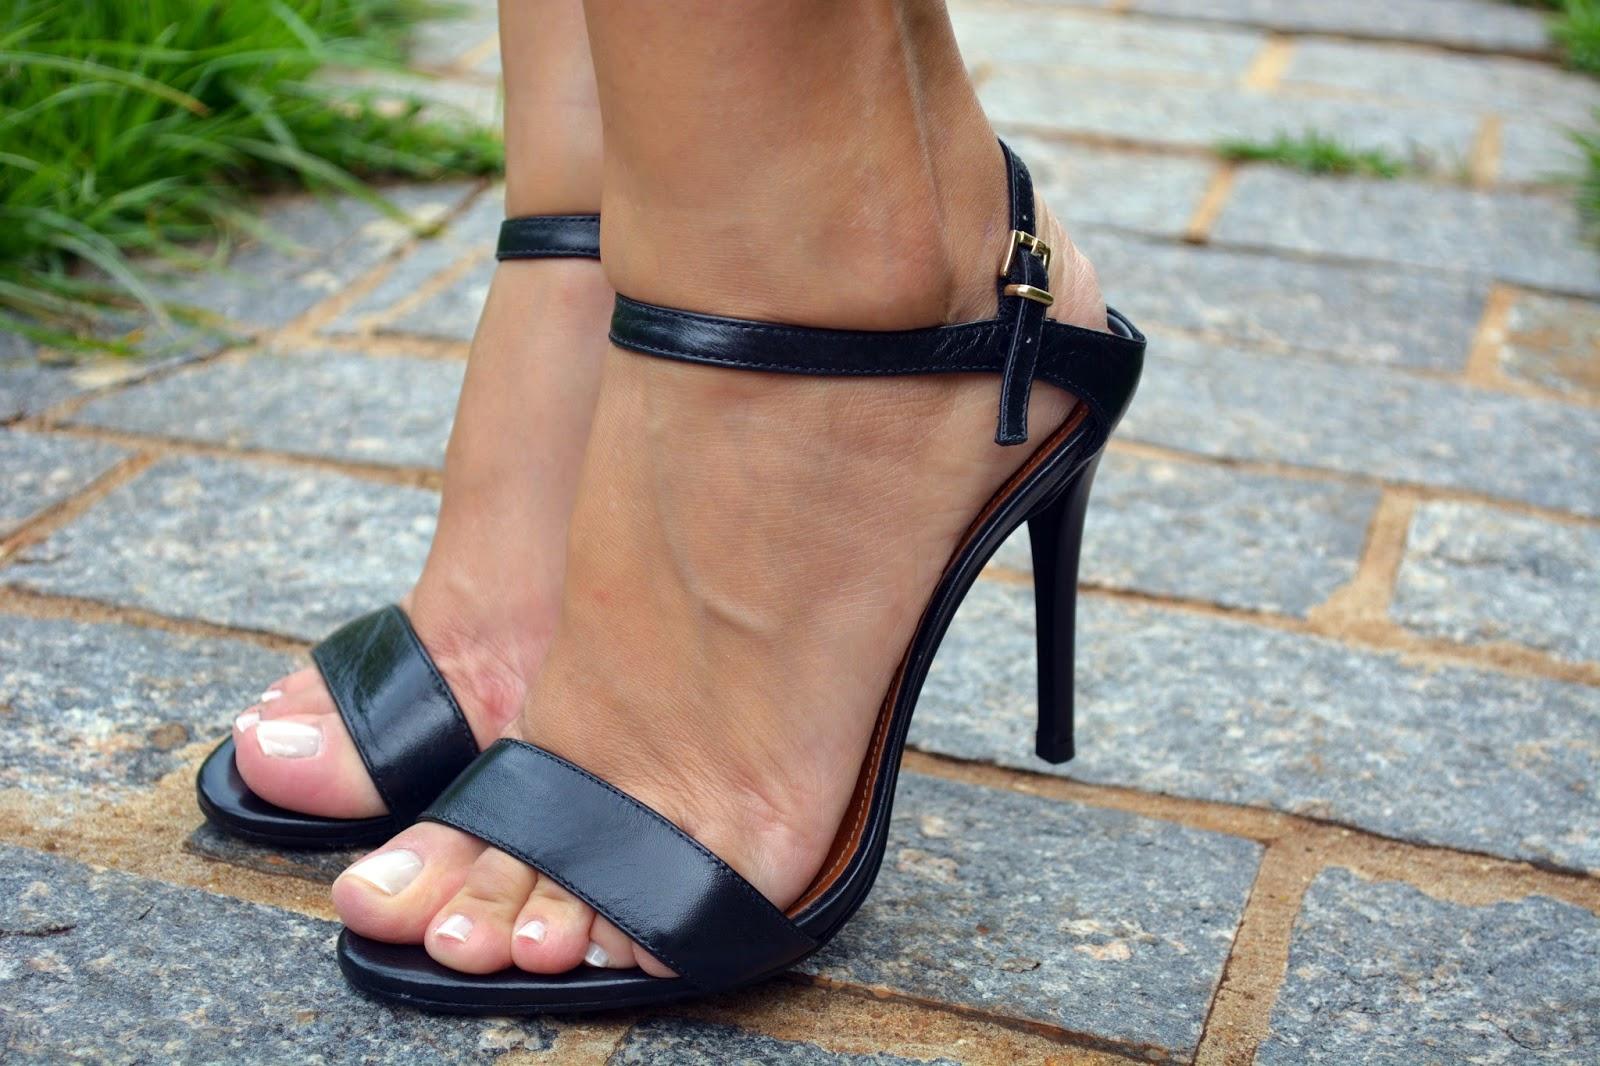 vestido estampado, vestido para o verão, vestidos para o verão, estampa tropical, blog camila andrade, loja pamela zanandréa, blog de moda em ribeirão preto, blogueira de moda em ribeirão preto, fashion blogger, sandália preta, sandália preta arezzo